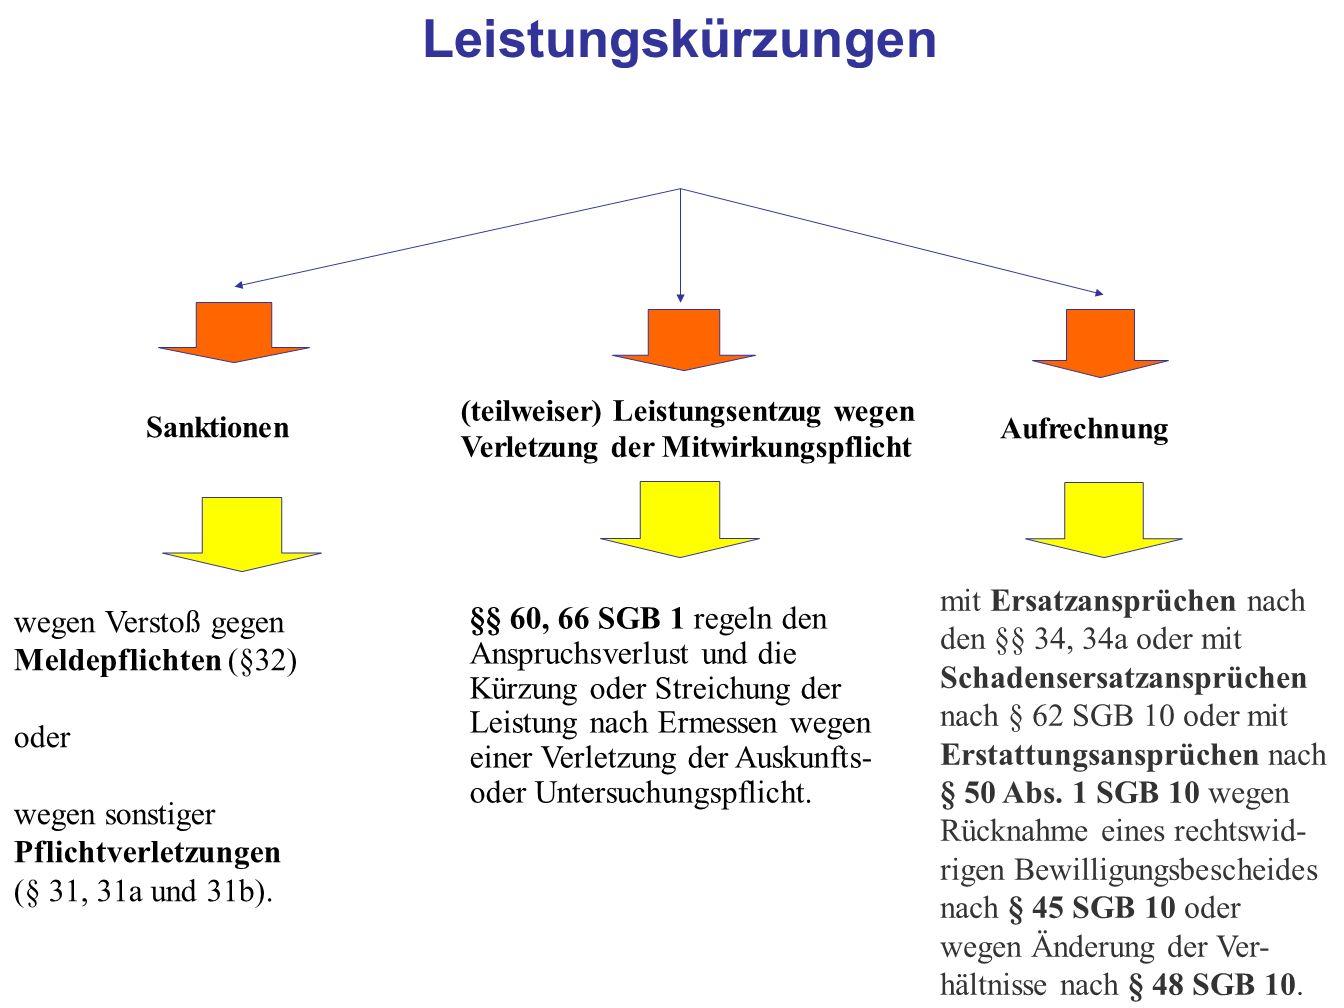 Leistungskürzungen (teilweiser) Leistungsentzug wegen Verletzung der Mitwirkungspflicht. Sanktionen.